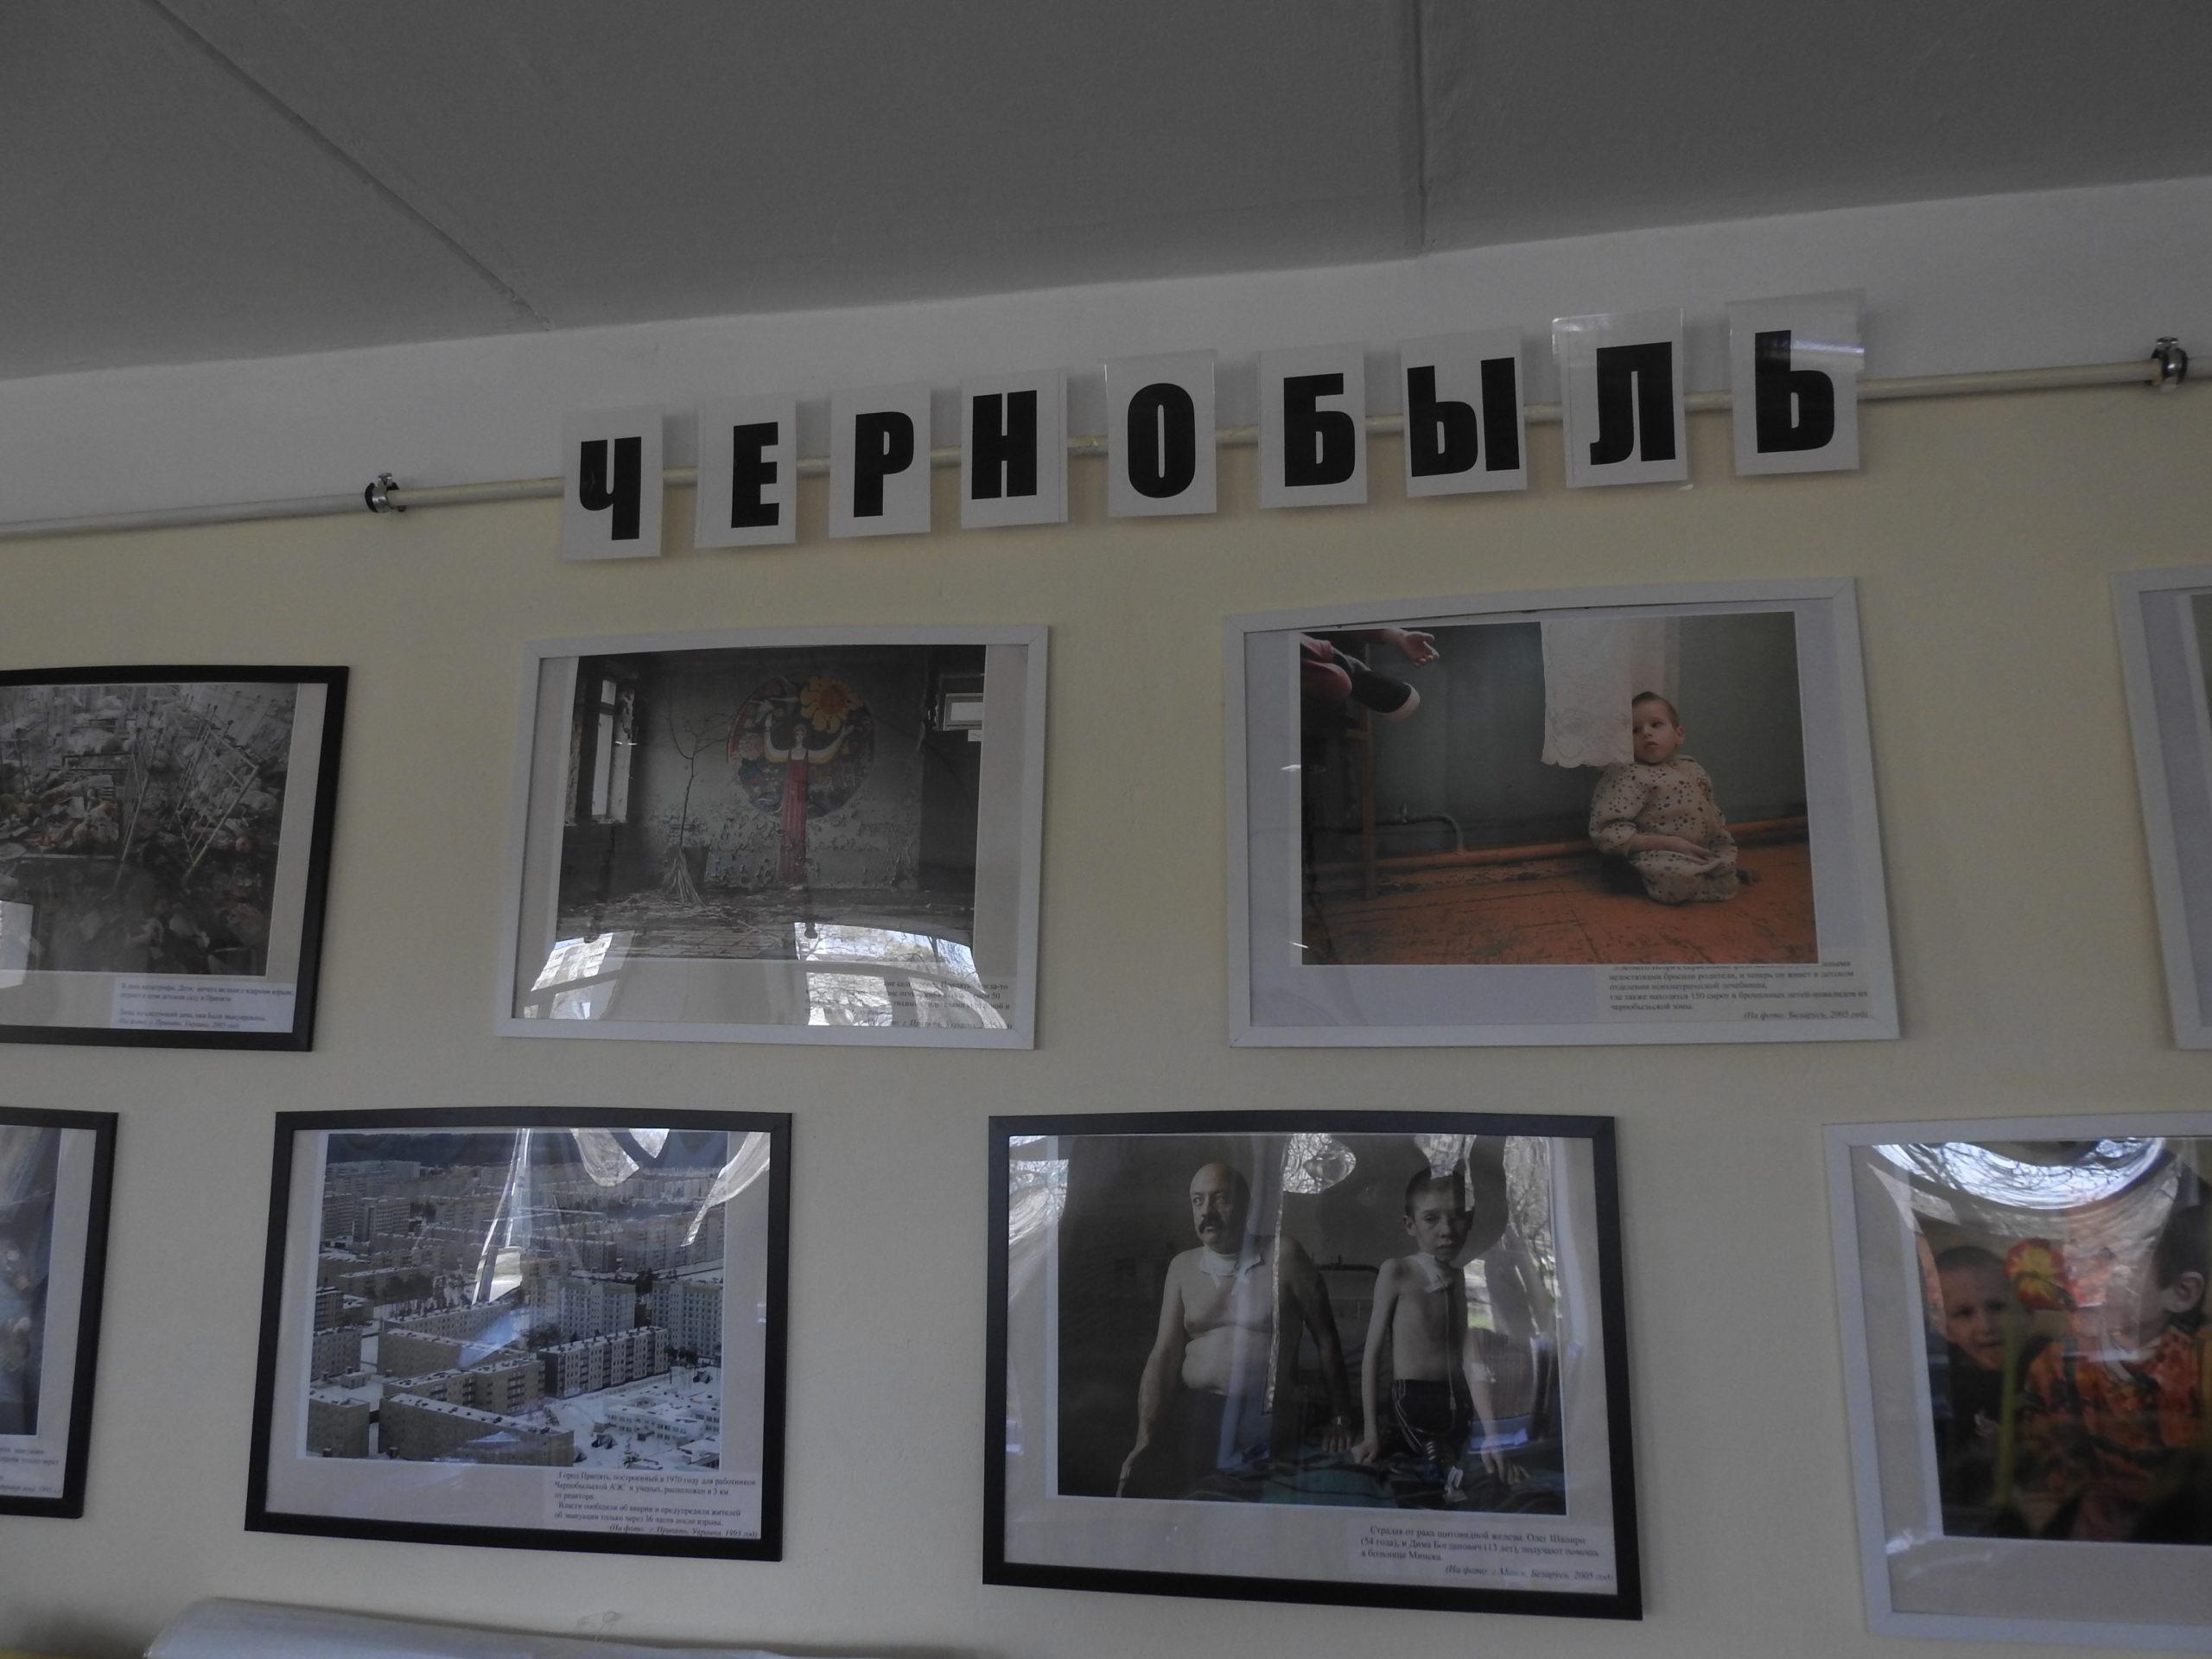 Мир помнит о Чернобыле. В апреле 2020 года чернобыльские мероприятия в РЧОО «Радимичи» приобрели новый формат.